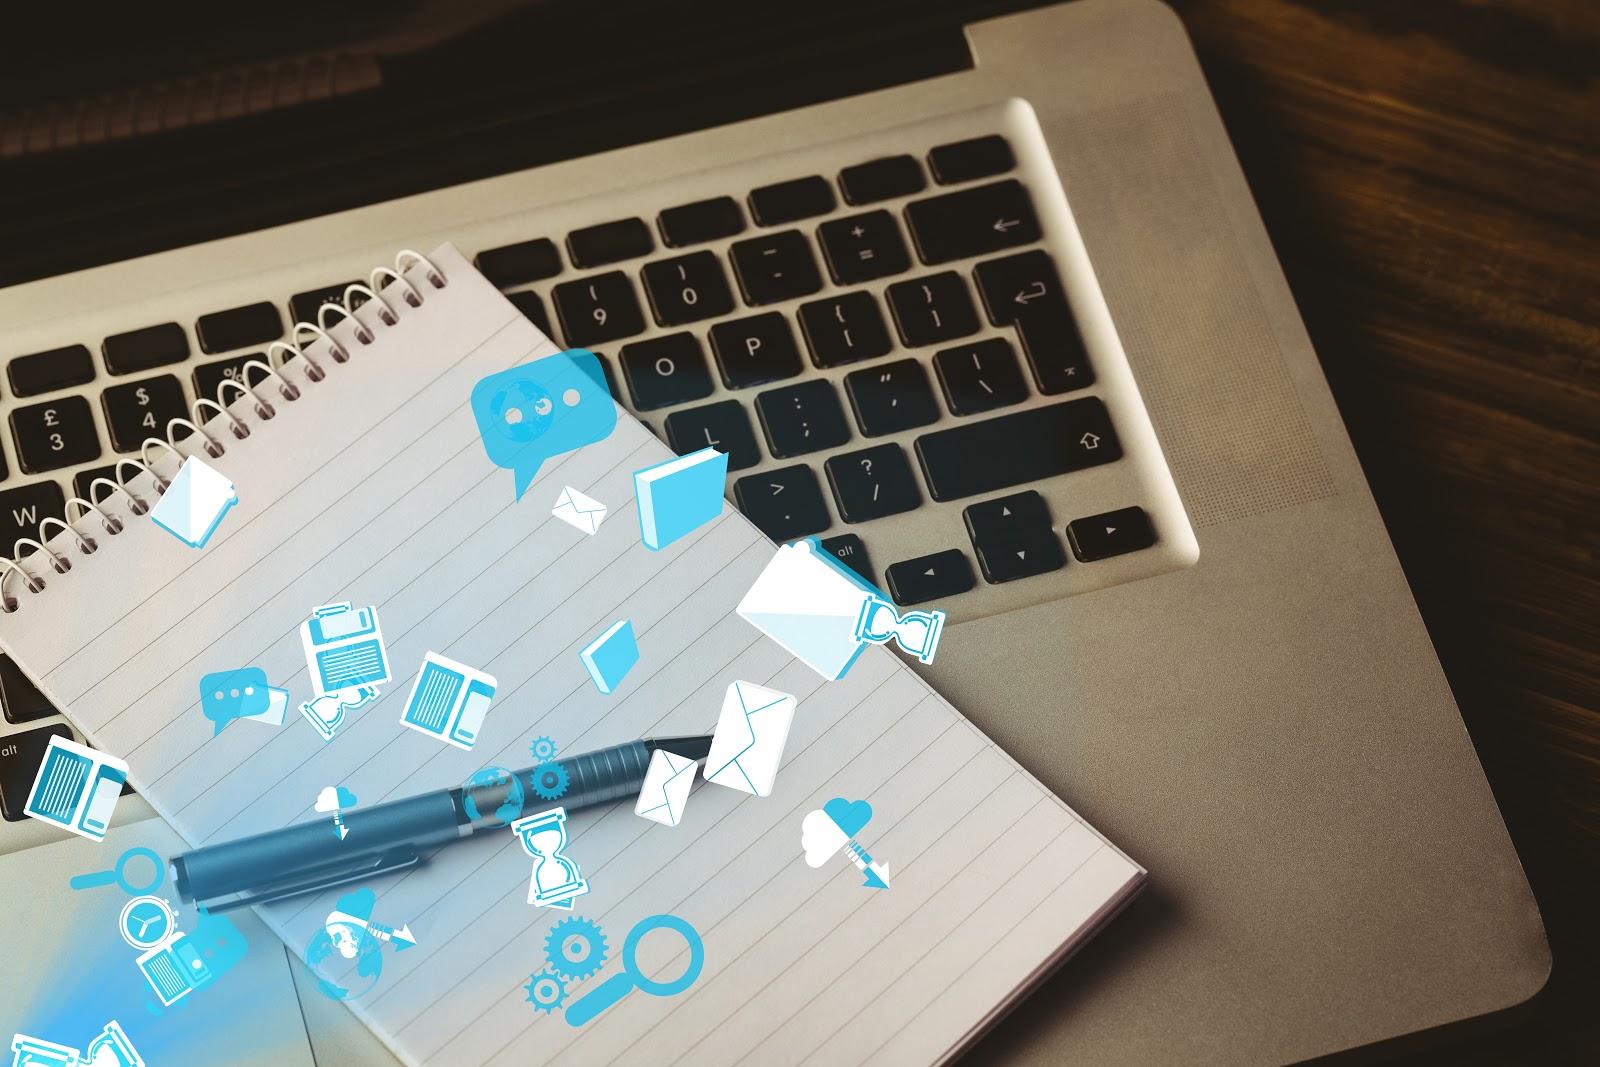 O tamanho do e-mail marketing ideal para planejar estratégias